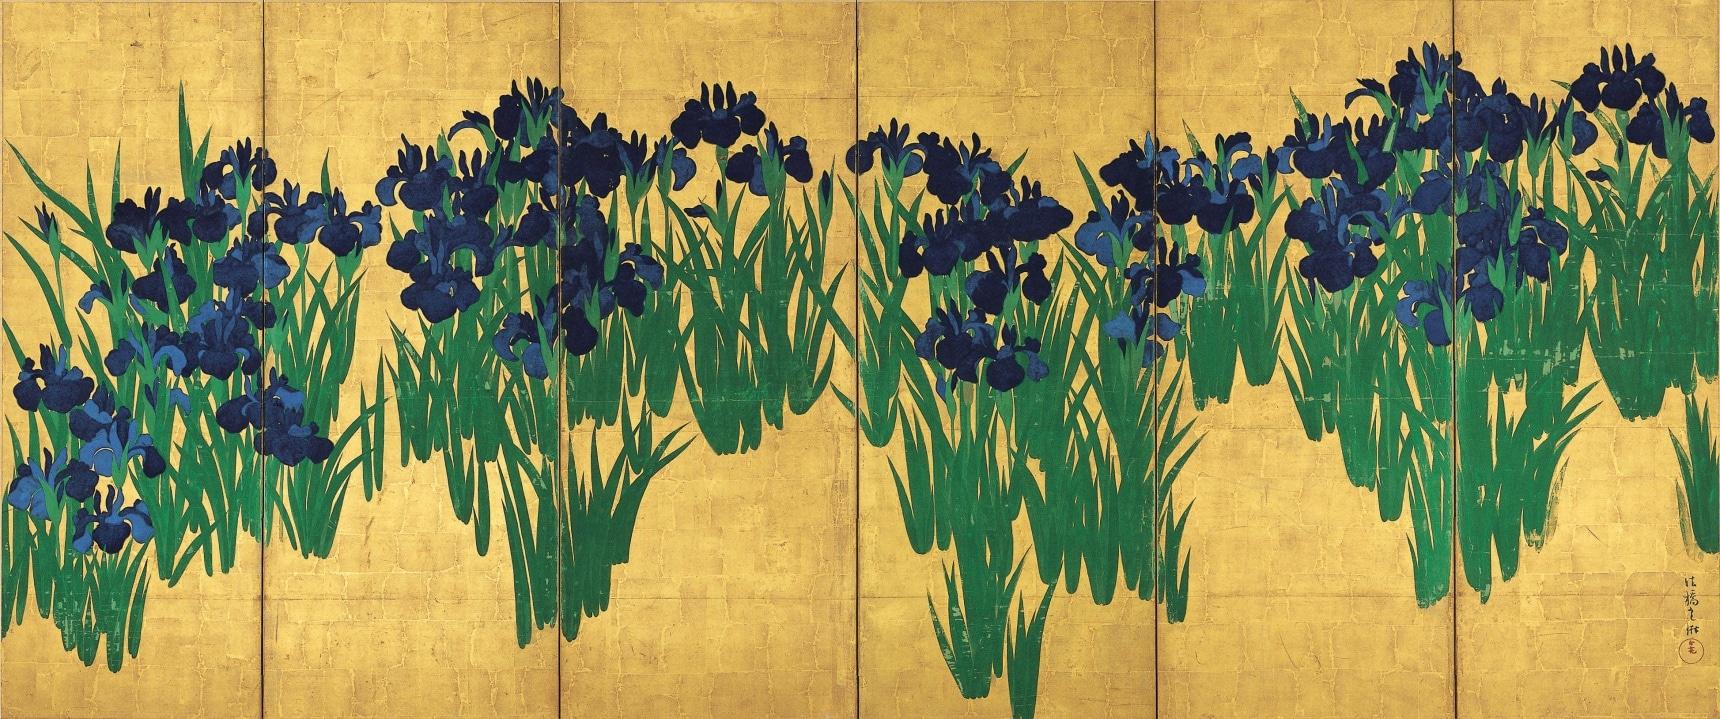 타고난 예술가, 오가타 고린